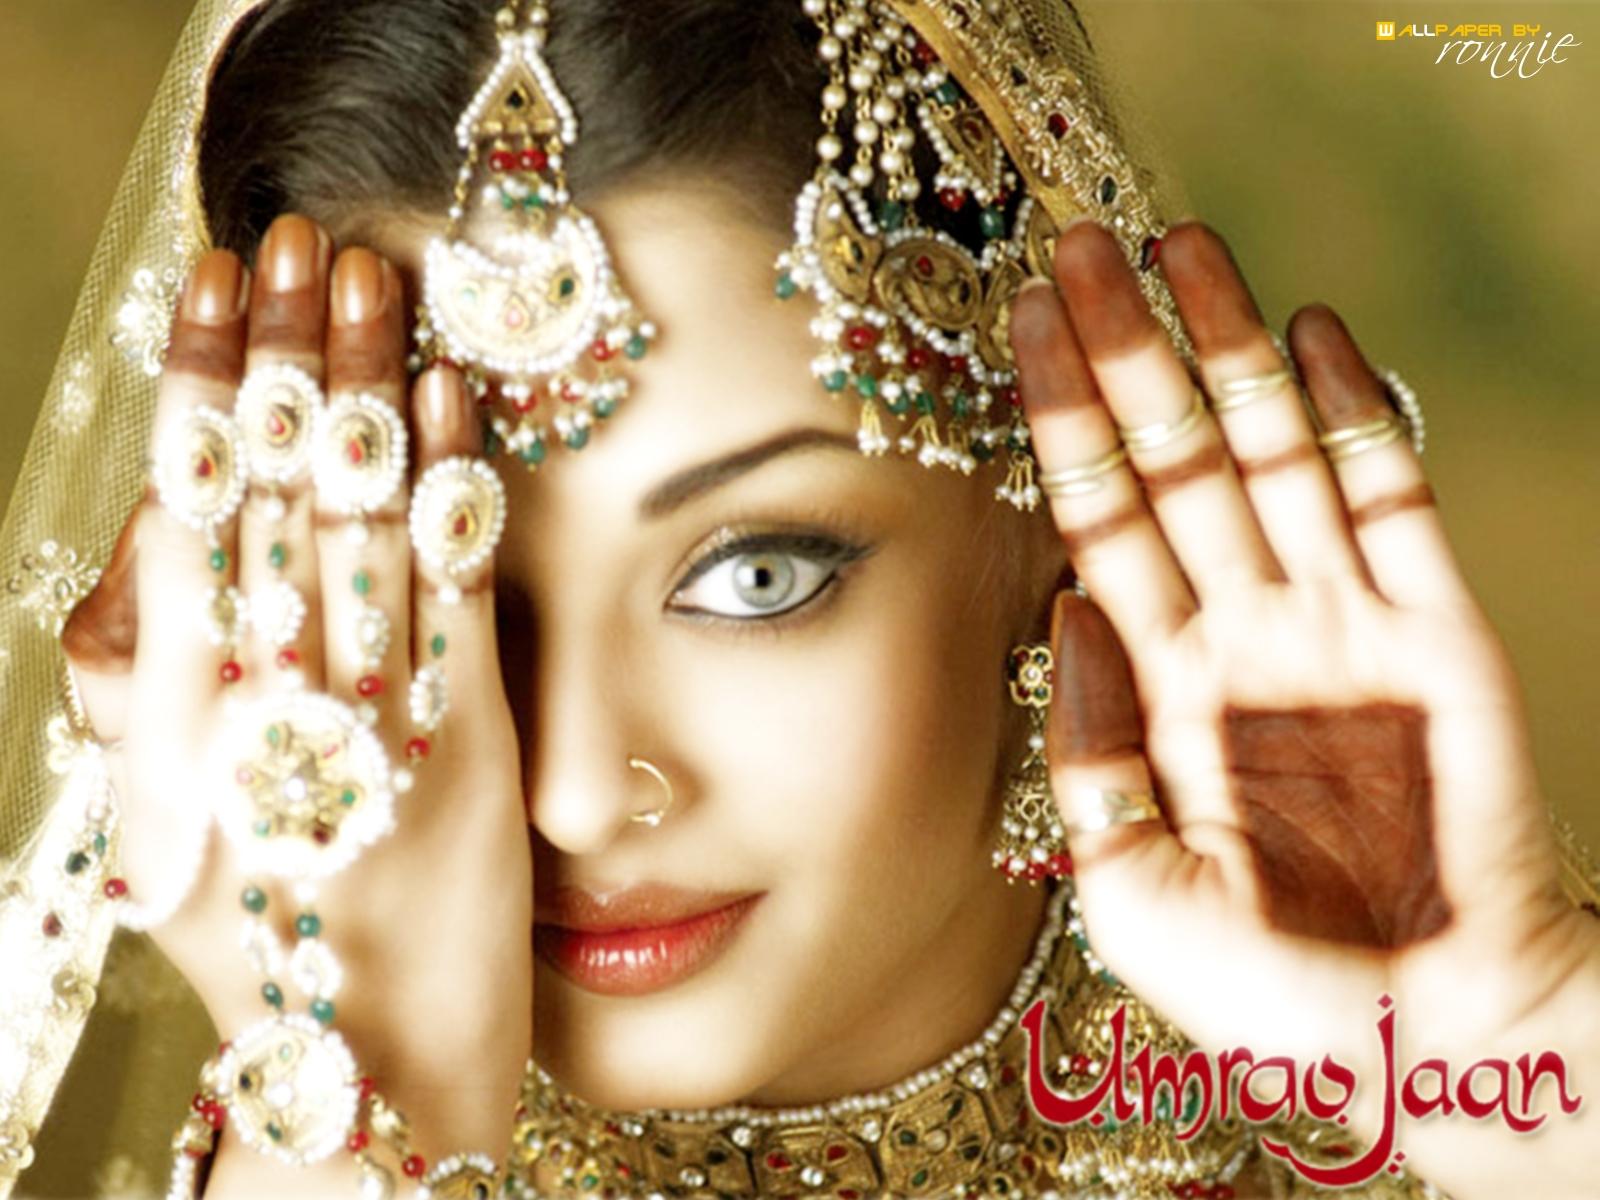 aishwarya_rai_29.jpg